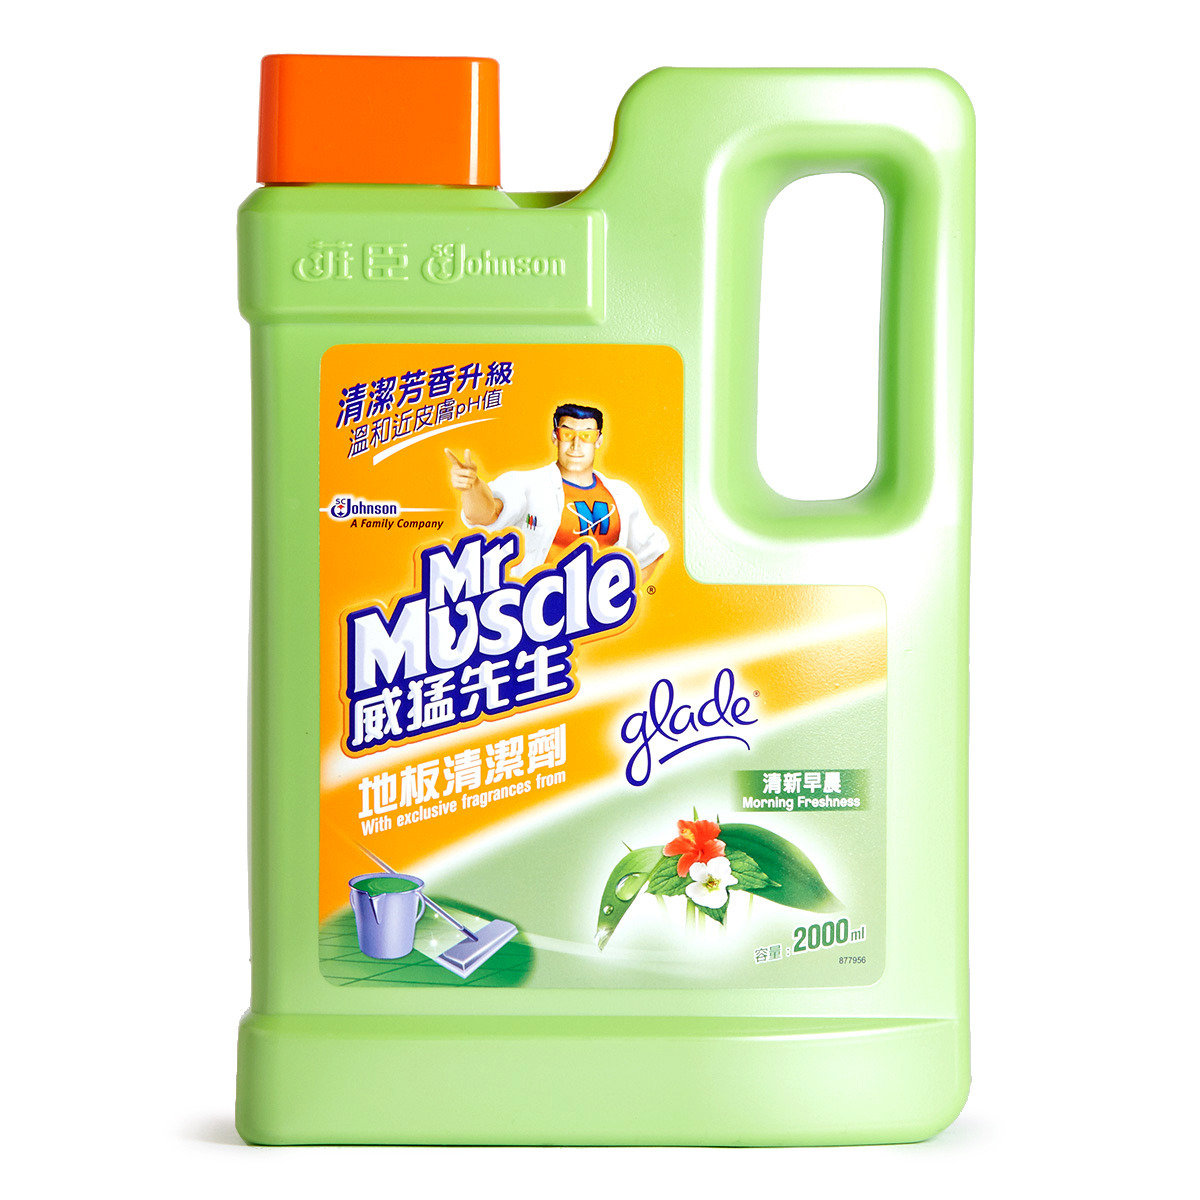 地板清潔消毒劑 (清新早晨)